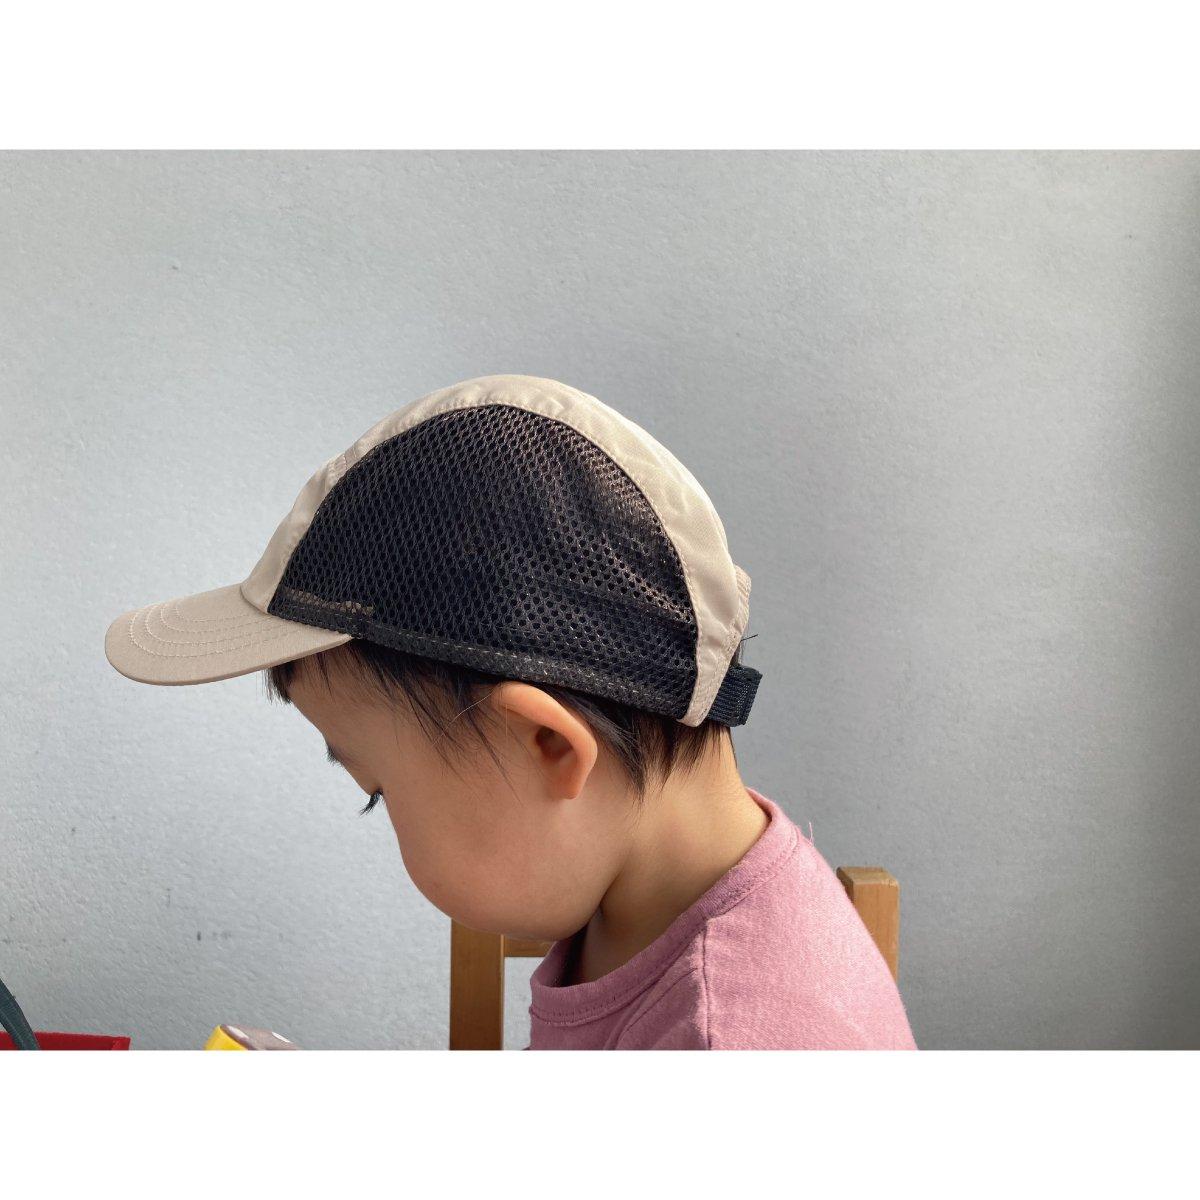 【KIDS】Kids Gear Jet Cap 詳細画像14